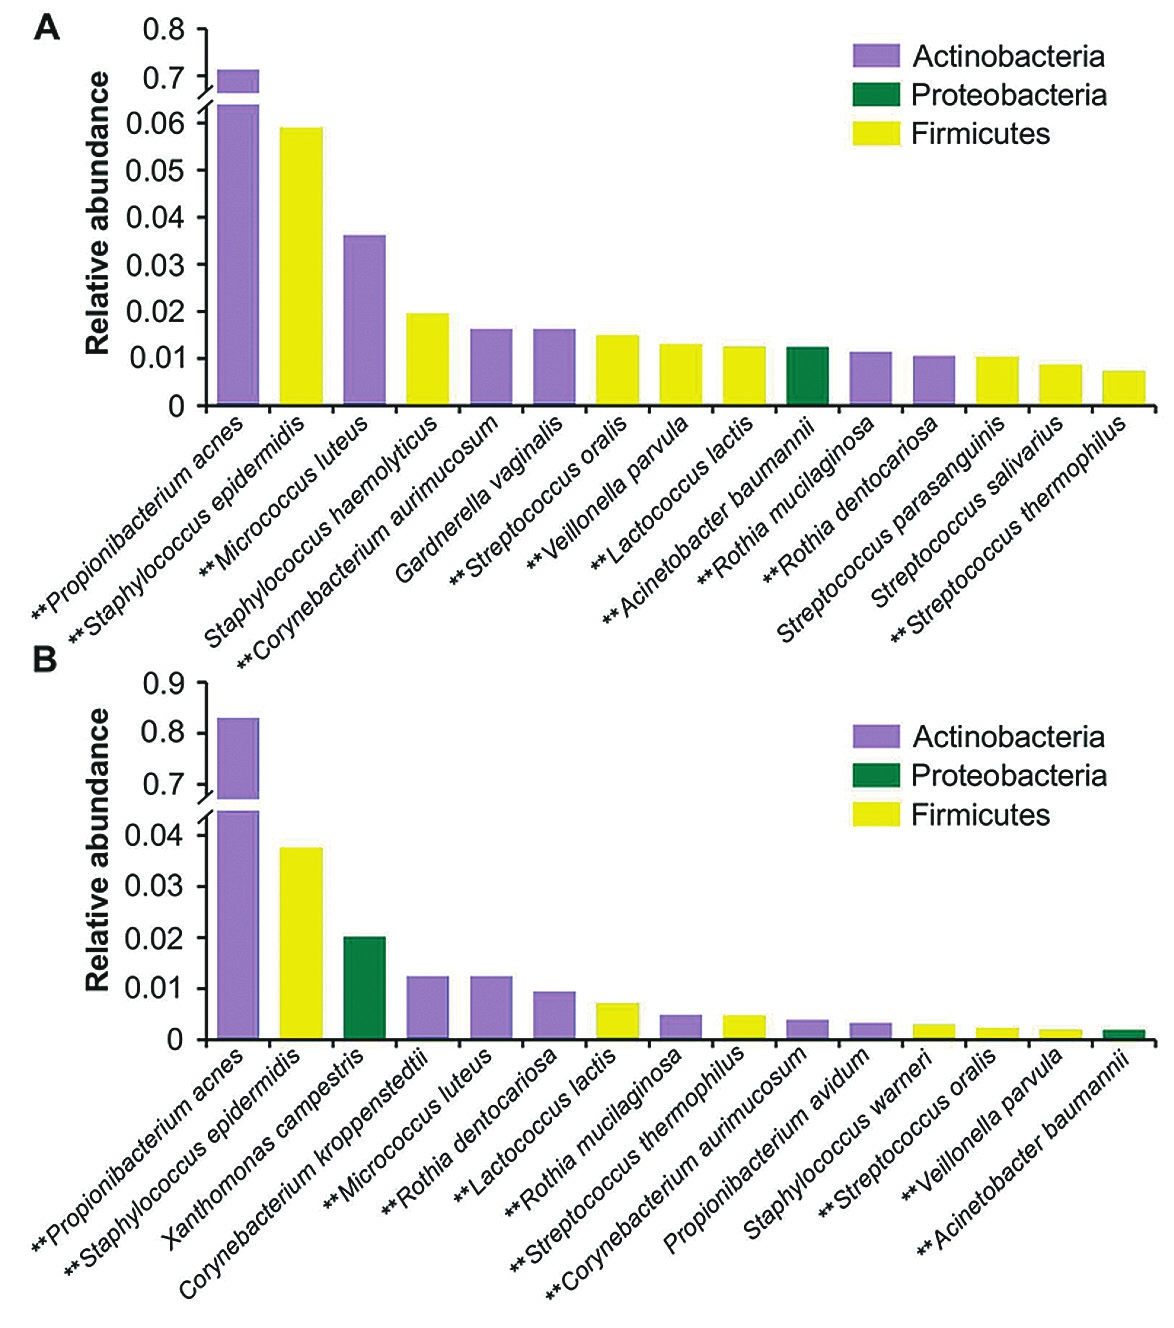 Рис. 7. Бактерии на однодолларовых купюрах в Нью-Йорке зимой (А) и летом (В) 2013 года [Maritz 2017]. Цвет показывает филум. Звездочки — виды, многочисленные в обеих выборках. Вертикальная ось — относительная частота вида